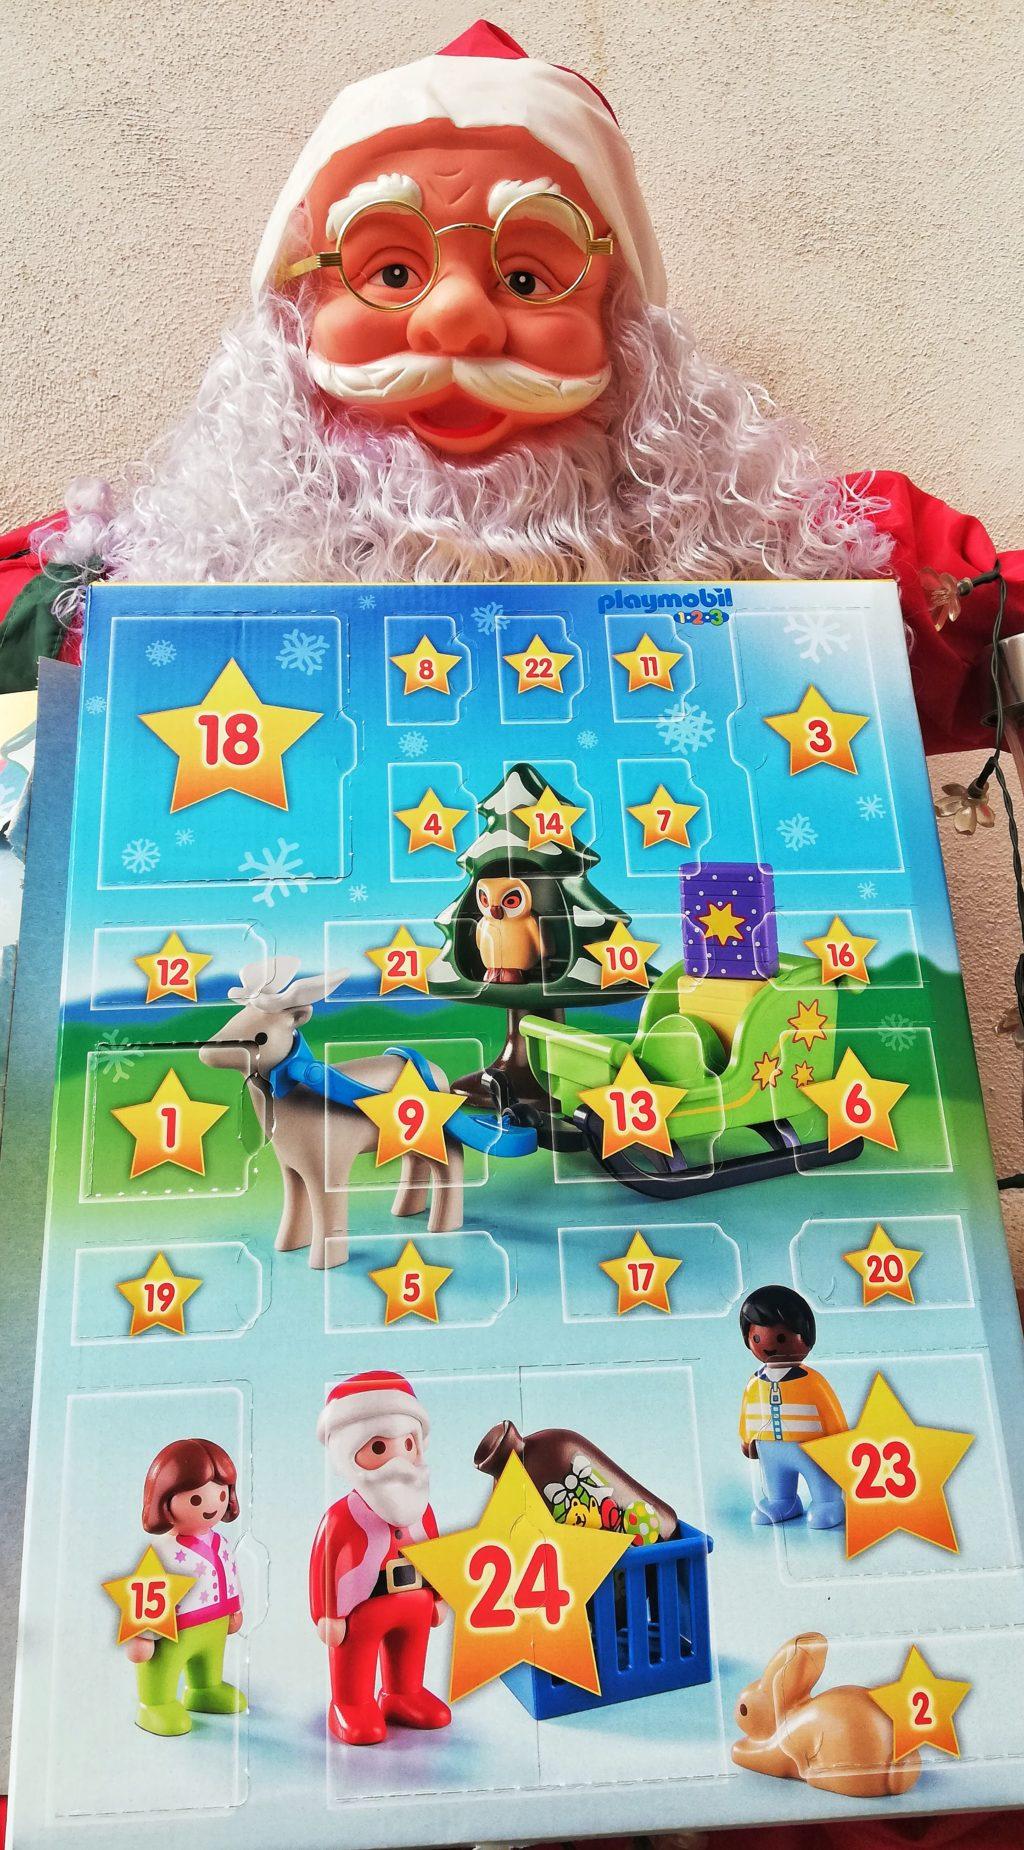 Calendario Avvento Playmobil.L Attesa Del Natale In Compagnia Del Calendario Dell Avvento